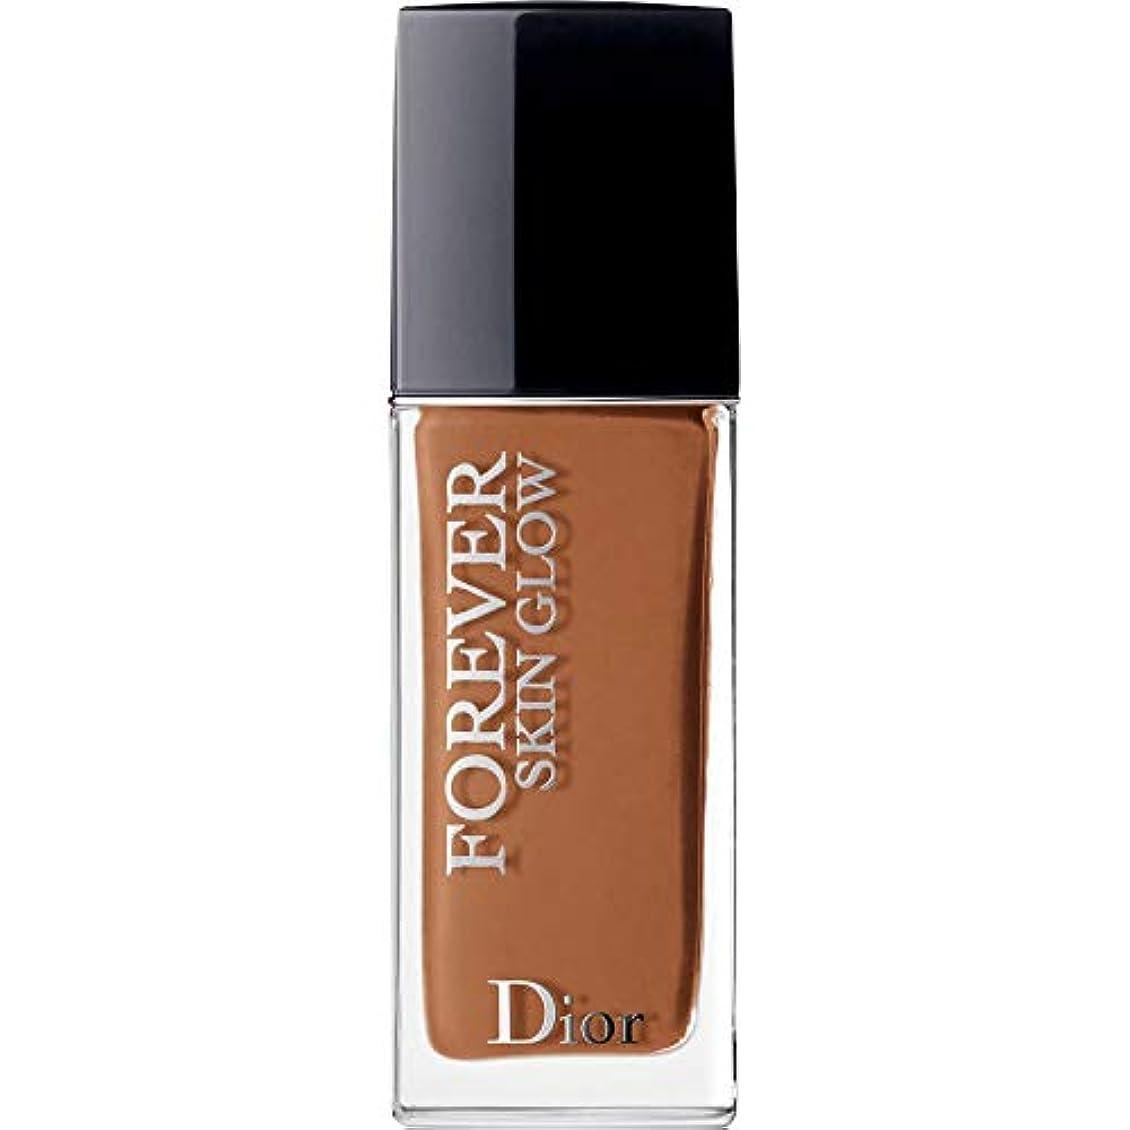 政権薬を飲むタイプライター[Dior ] ディオール永遠に皮膚グロー皮膚思いやりの基礎Spf35 30ミリリットルの6N - ニュートラル(肌の輝き) - DIOR Forever Skin Glow Skin-Caring Foundation...